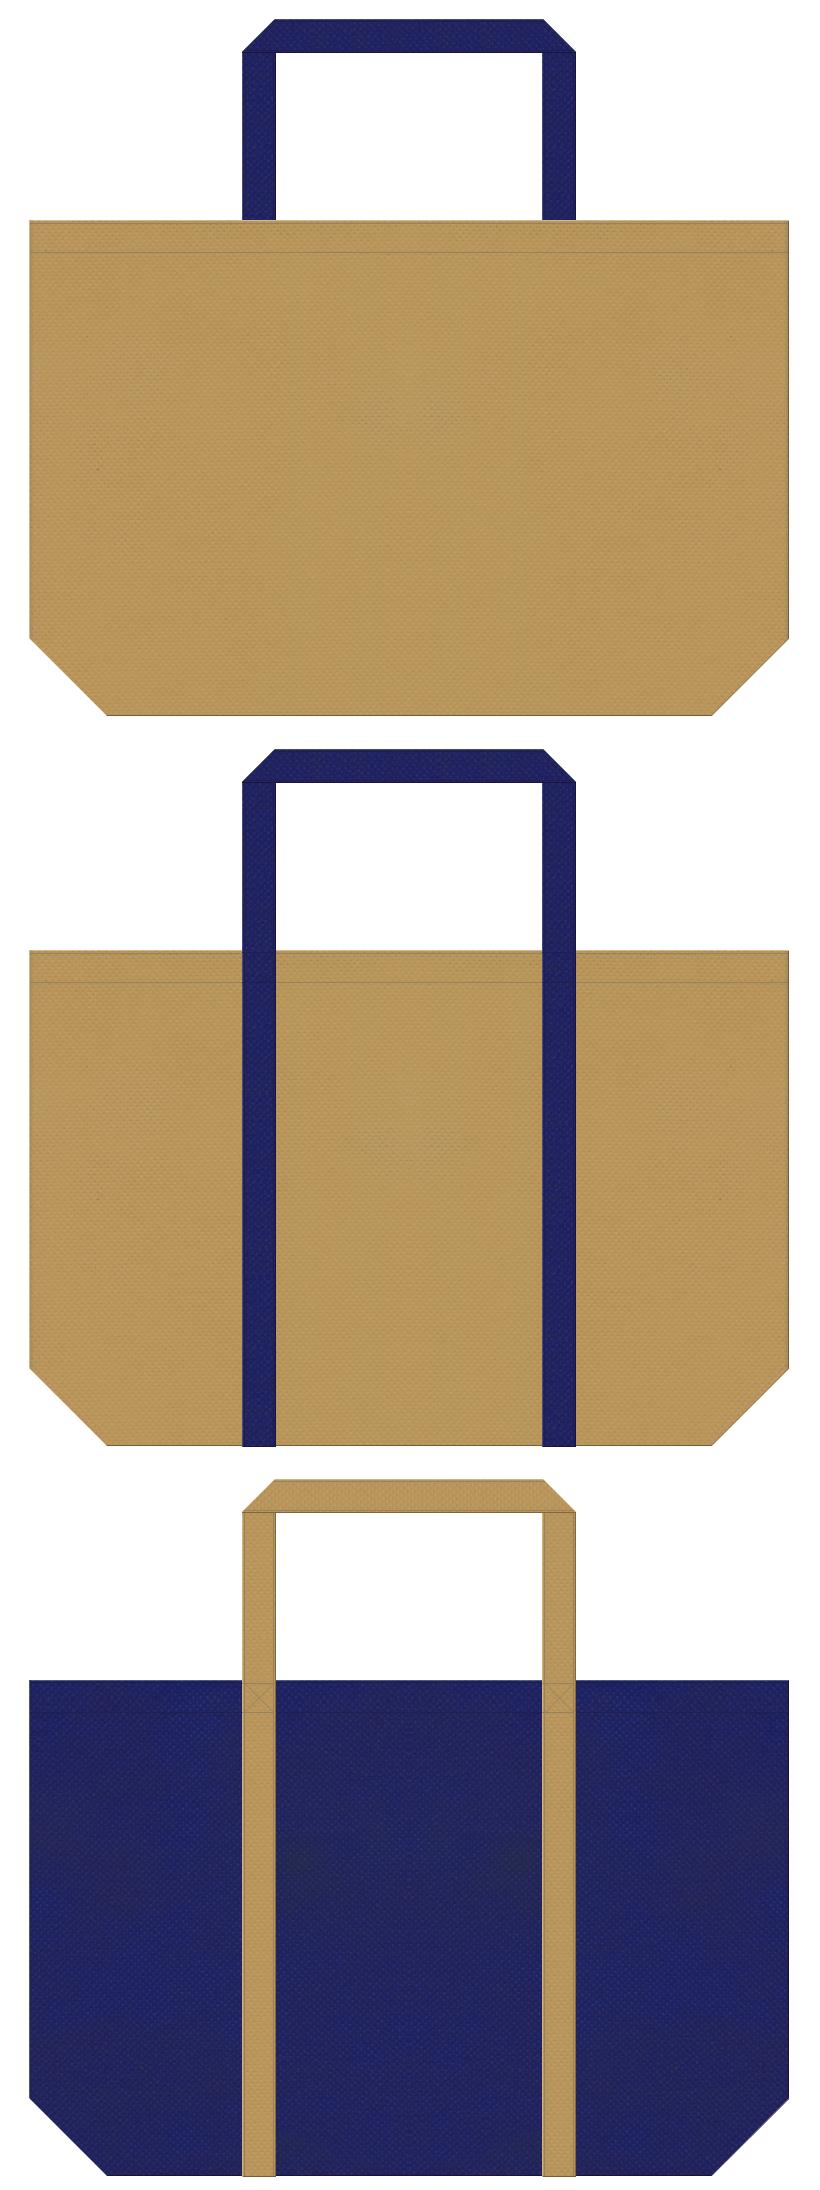 金色系黄土色と明るい紺色の不織布ショッピングバッグデザイン。